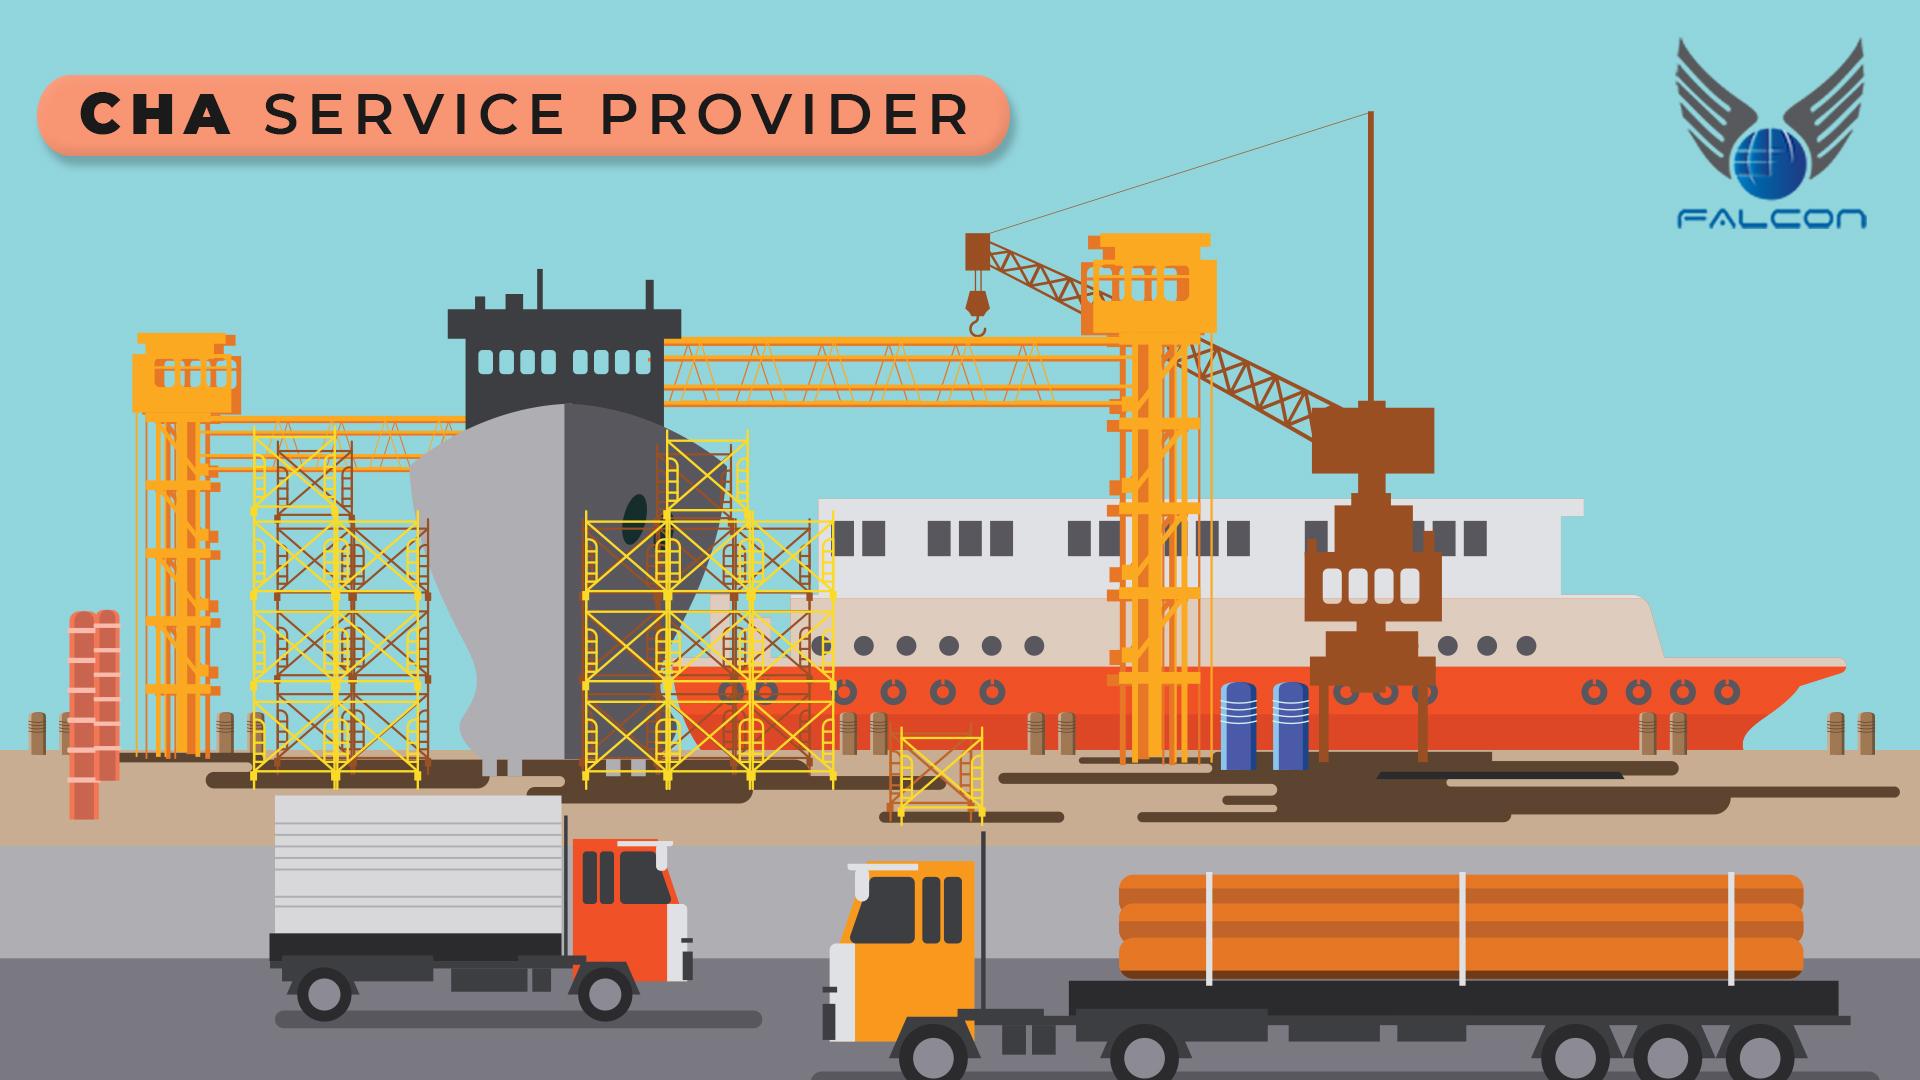 CHA Service provider